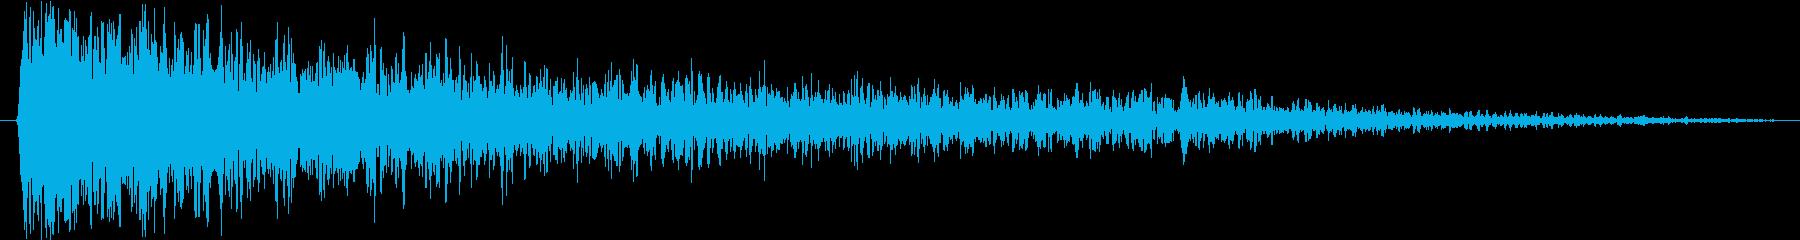 ピアノ:ドラマチックストリングヒッ...の再生済みの波形